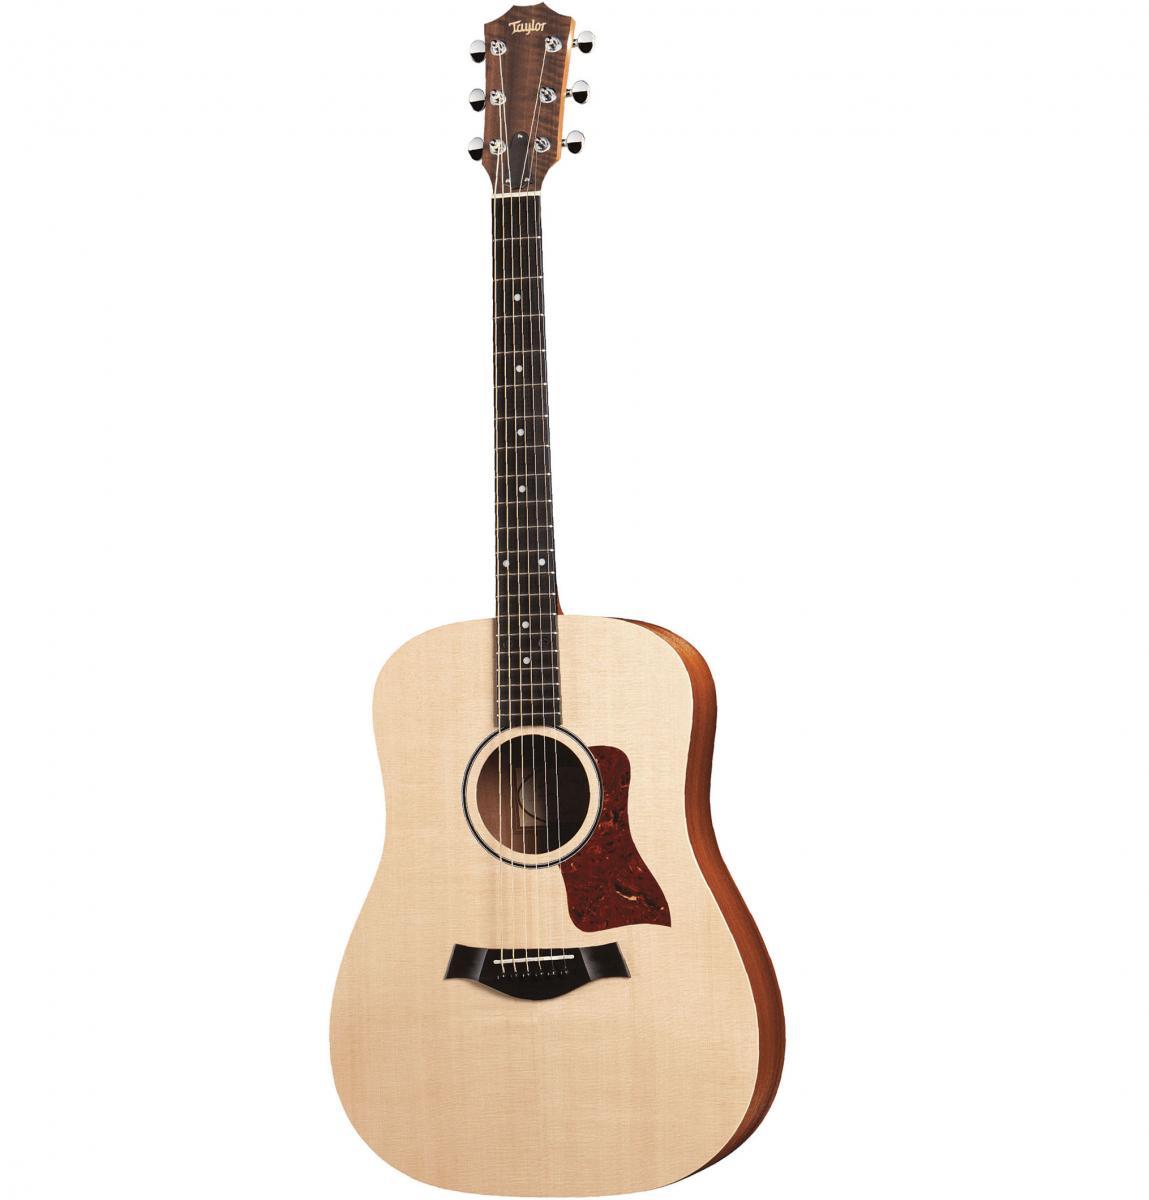 đàn guitar Big Baby Taylor giá chỉ 12.500.000 VNĐ